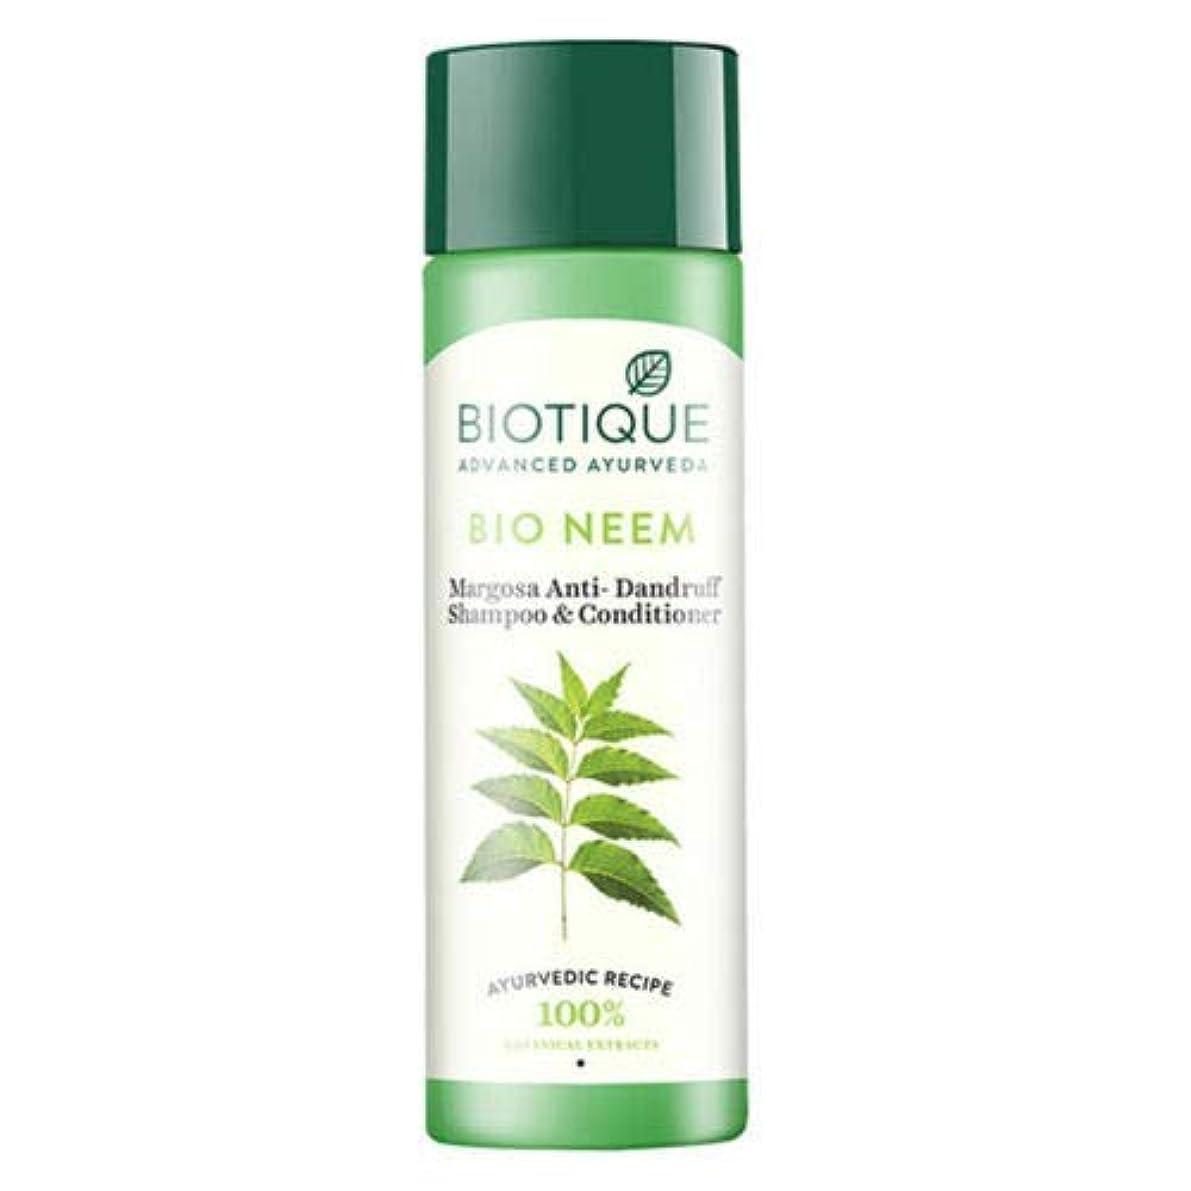 波紋宣言する傾いたBiotique Bio Neem Margosa Anti Dandruff Shampoo & Conditioner 120 ml Strong Hair Biotique Bio Neem Margosaアンチフケシャンプー...